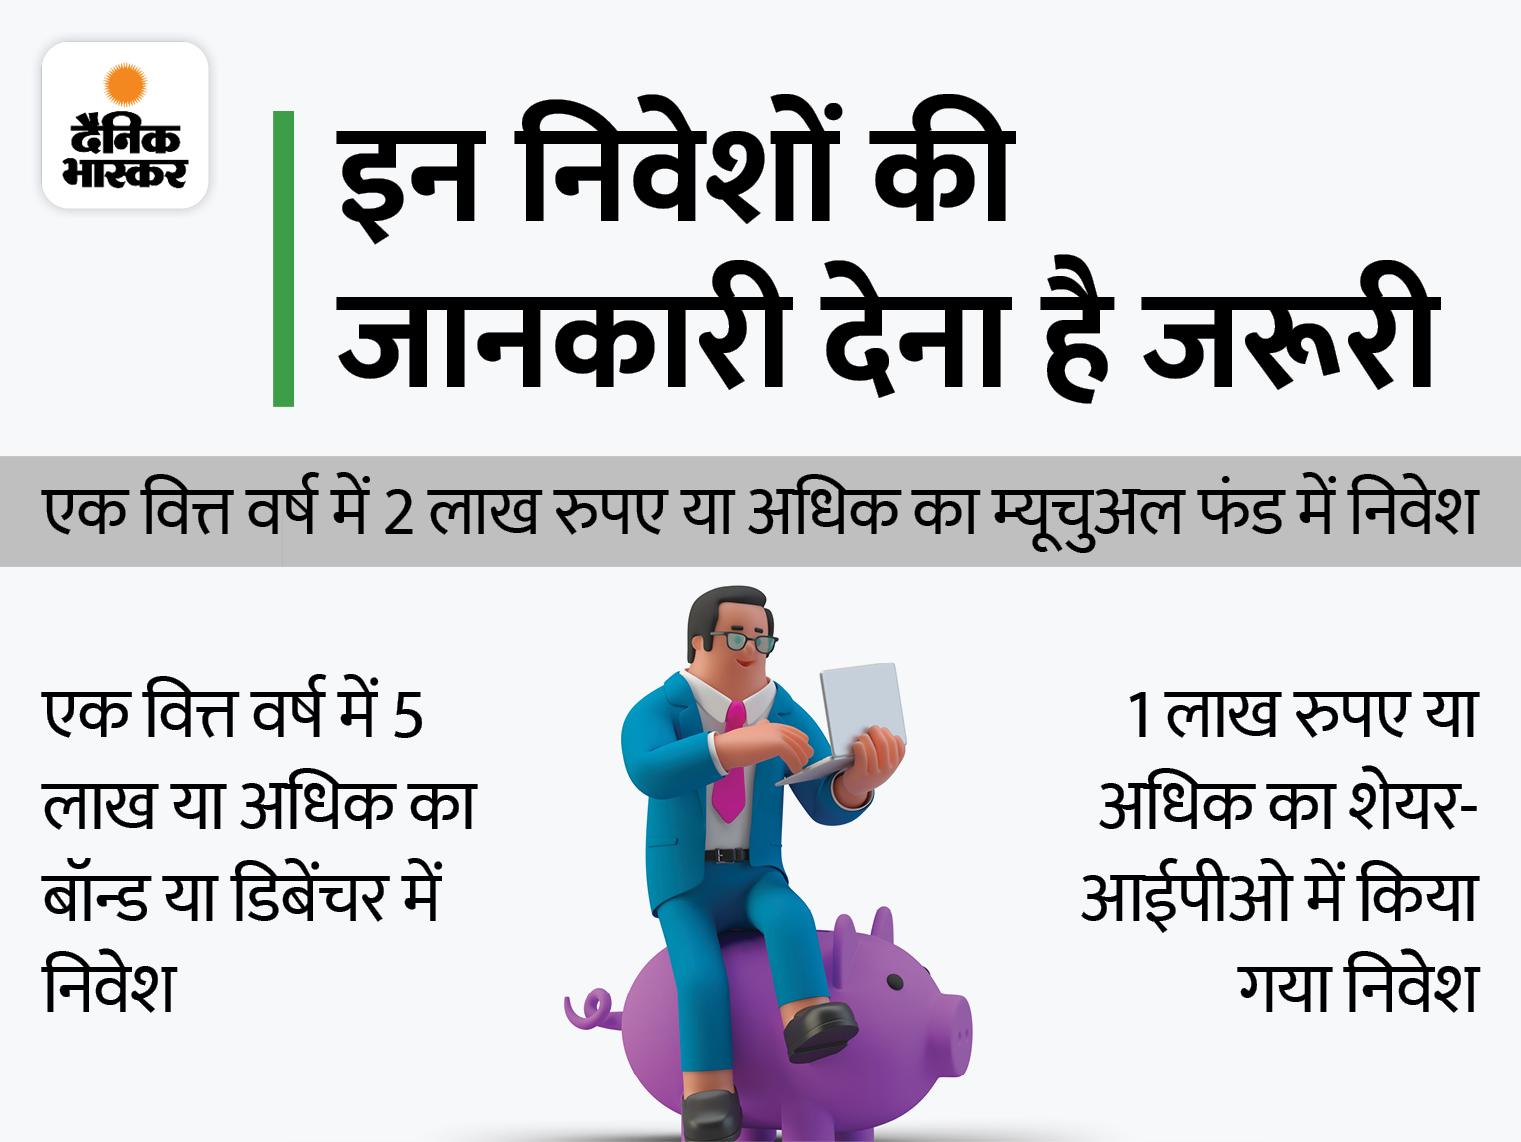 सैलरी के अलावा अन्य सभी स्रोतों से हुई आय का जिक्र इनकम टैक्स रिटर्न में करना जरूर, नहीं तो आ सकता है नोटिस बिजनेस,Business - Dainik Bhaskar